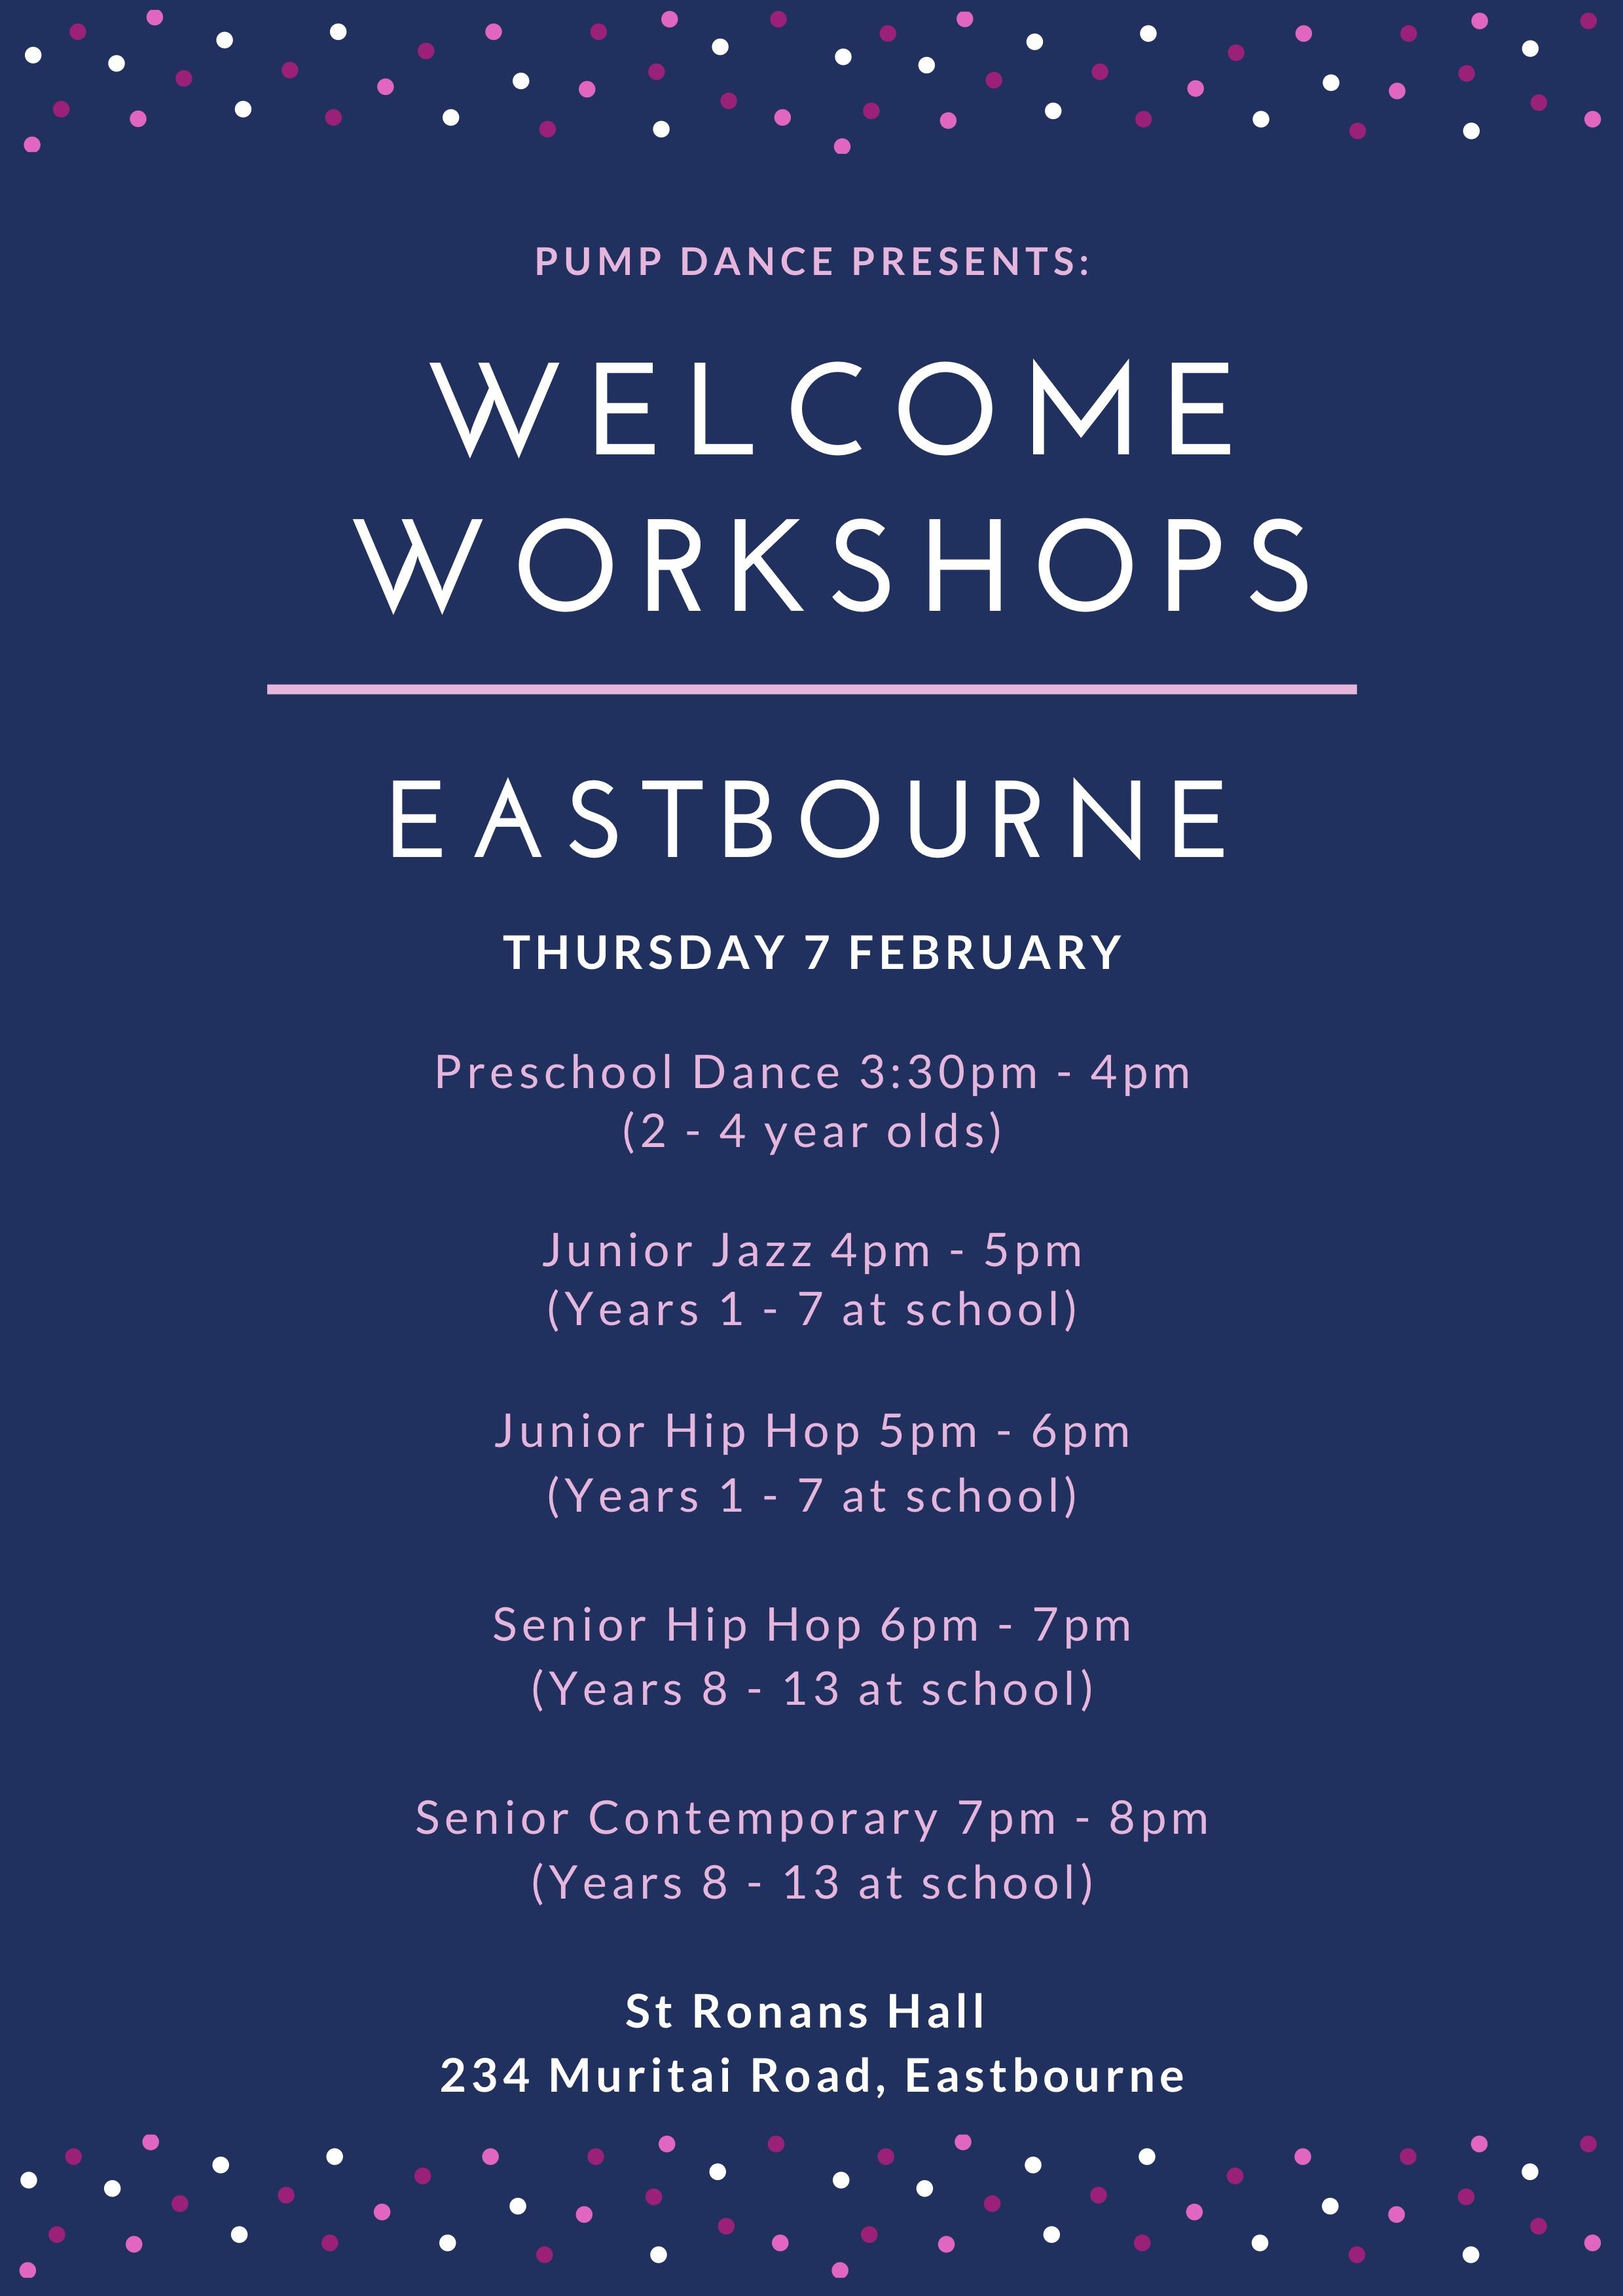 Pump Dance Eastbourne Welcome Workshops 2019